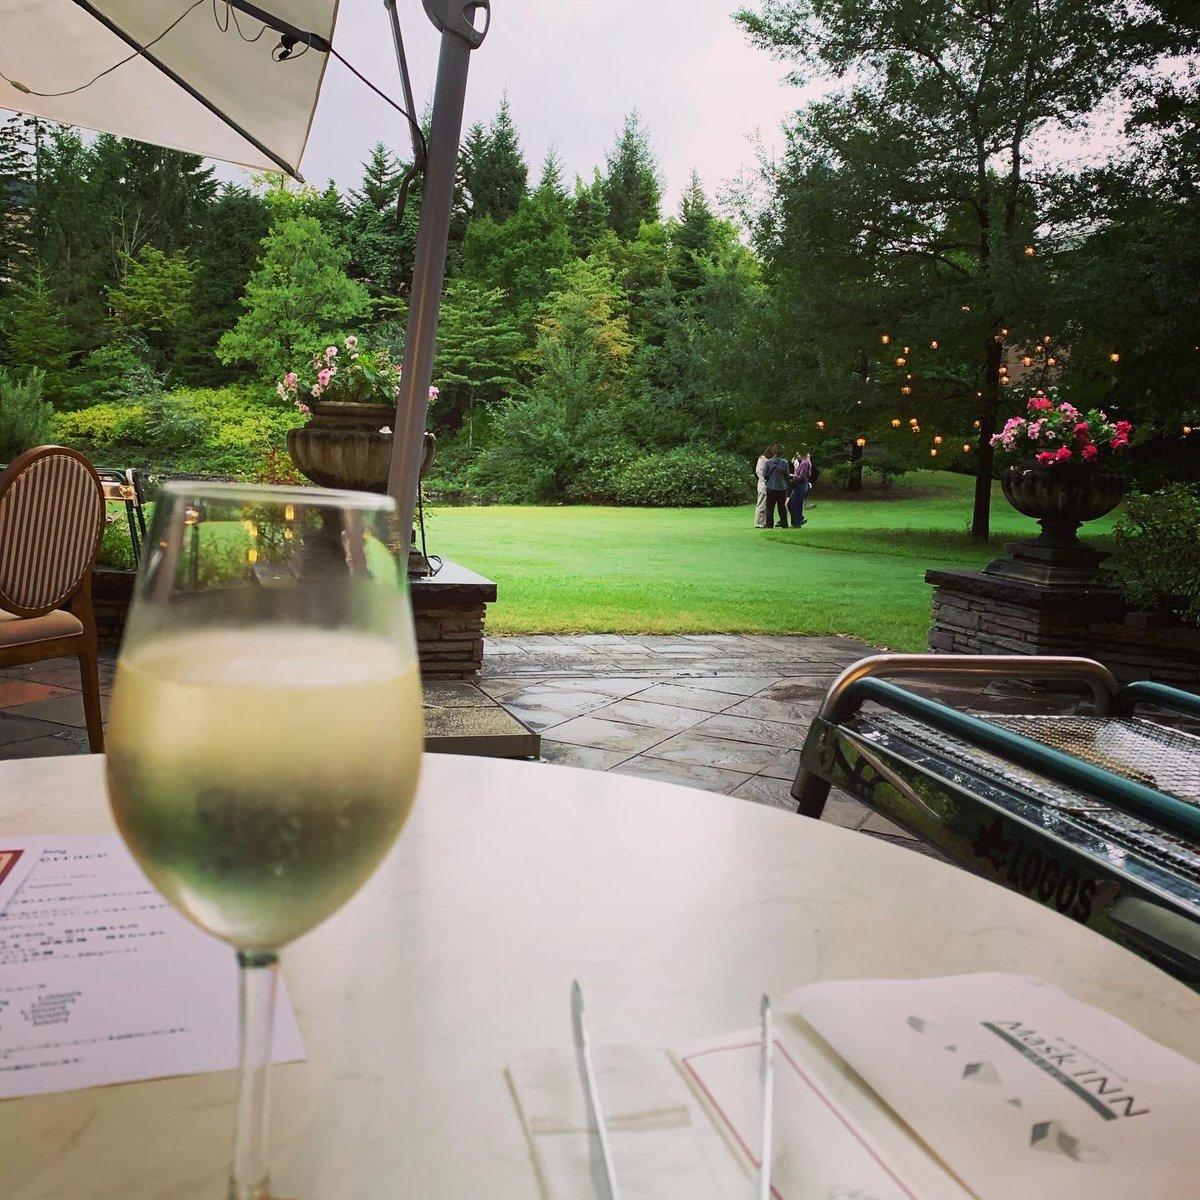 仙台ロイヤルパークホテルに来ています!  小さなお子様連れの方におすすめなのがBBQディナープラン!  テラス席で魚介や肉を焼いて自分のペースで楽しめます。  #ホテル #ワイン #ソムリエ #子連れ旅行 #子連れ旅 #おすすめホテル #ワイン旅 #wine #ワイン好きな人と繋がりたい https://t.co/5kaTlLDKWo